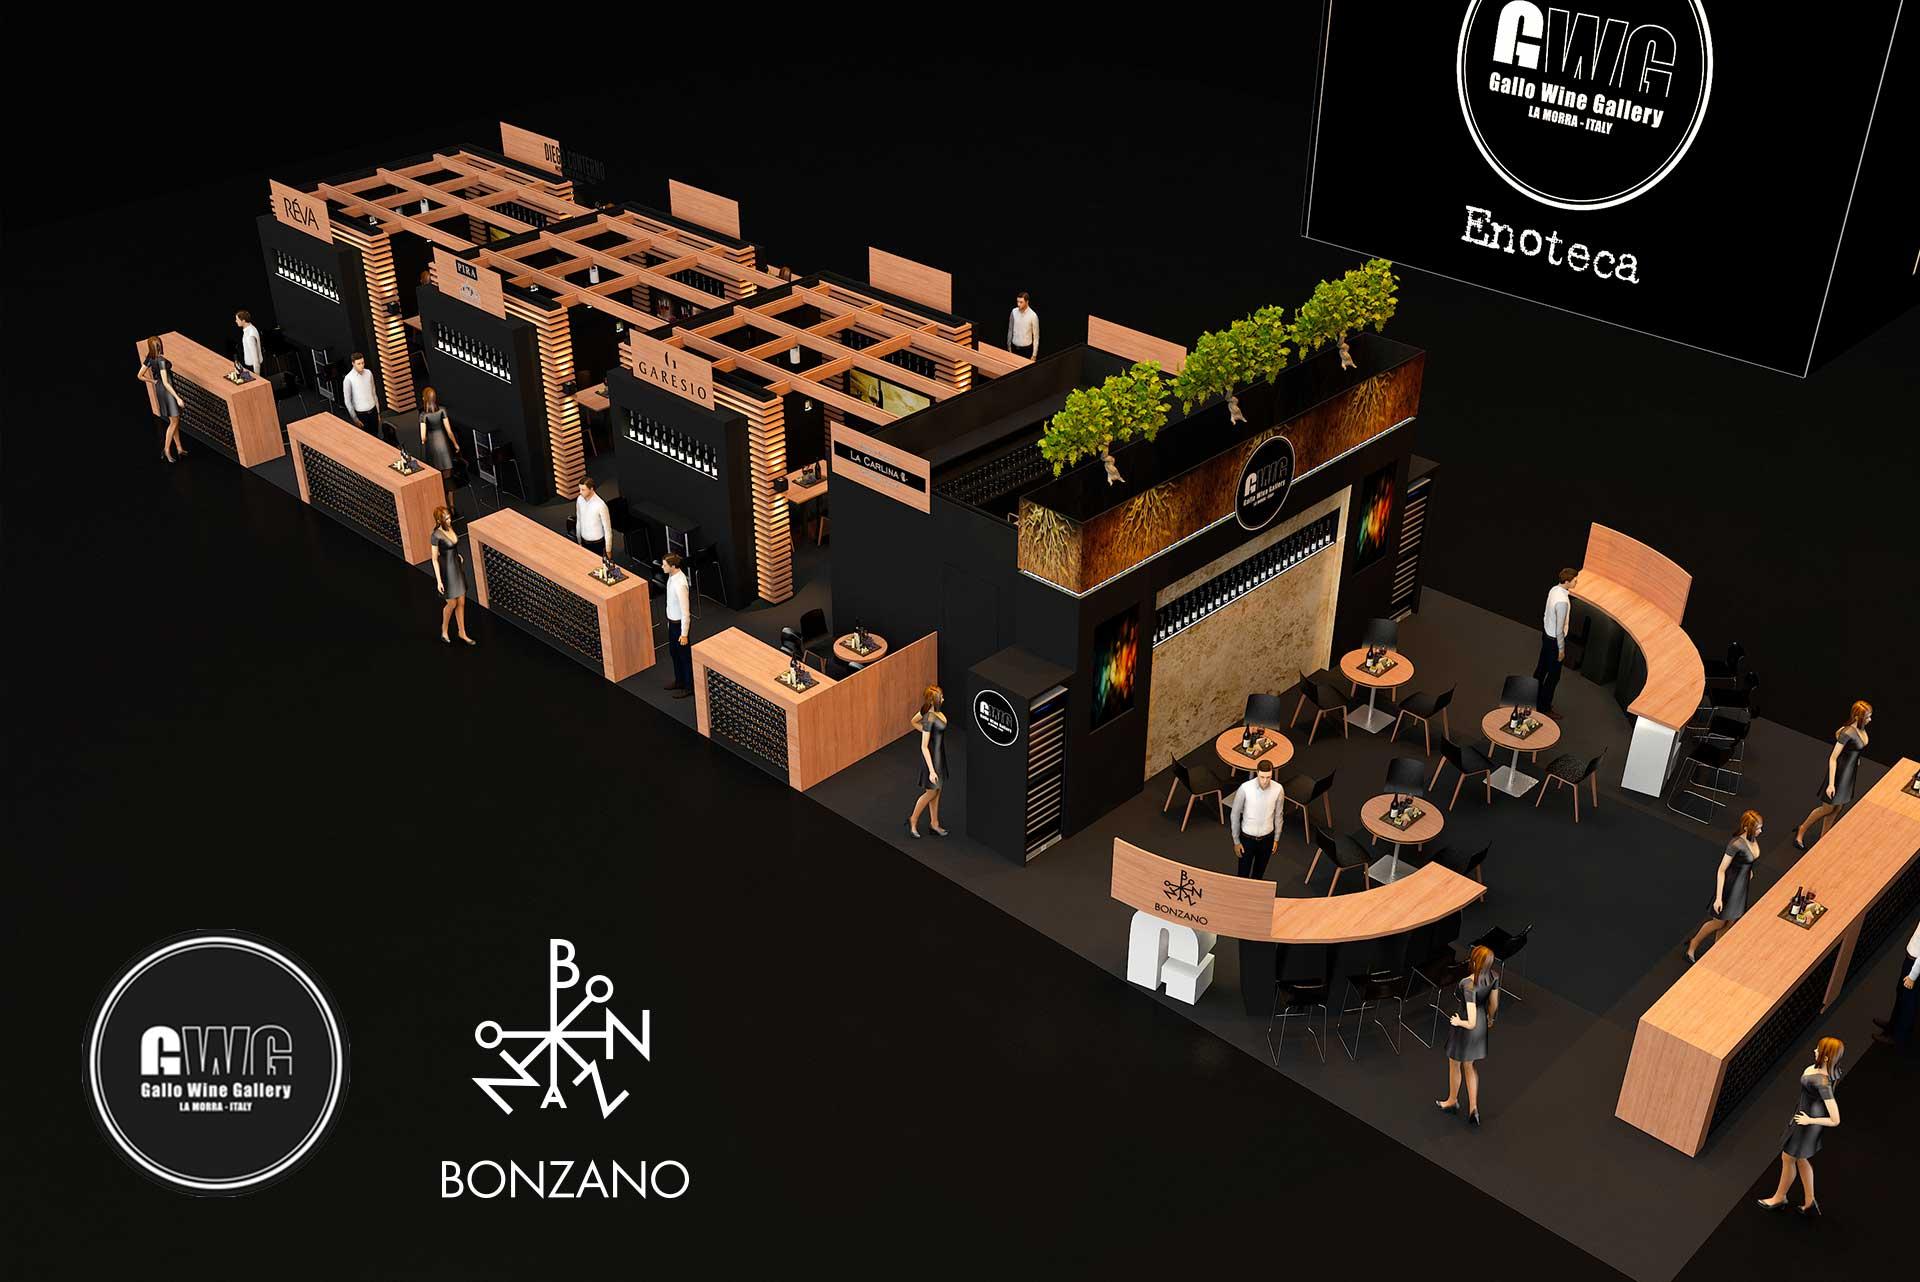 Bonzano Vinitaly 2018